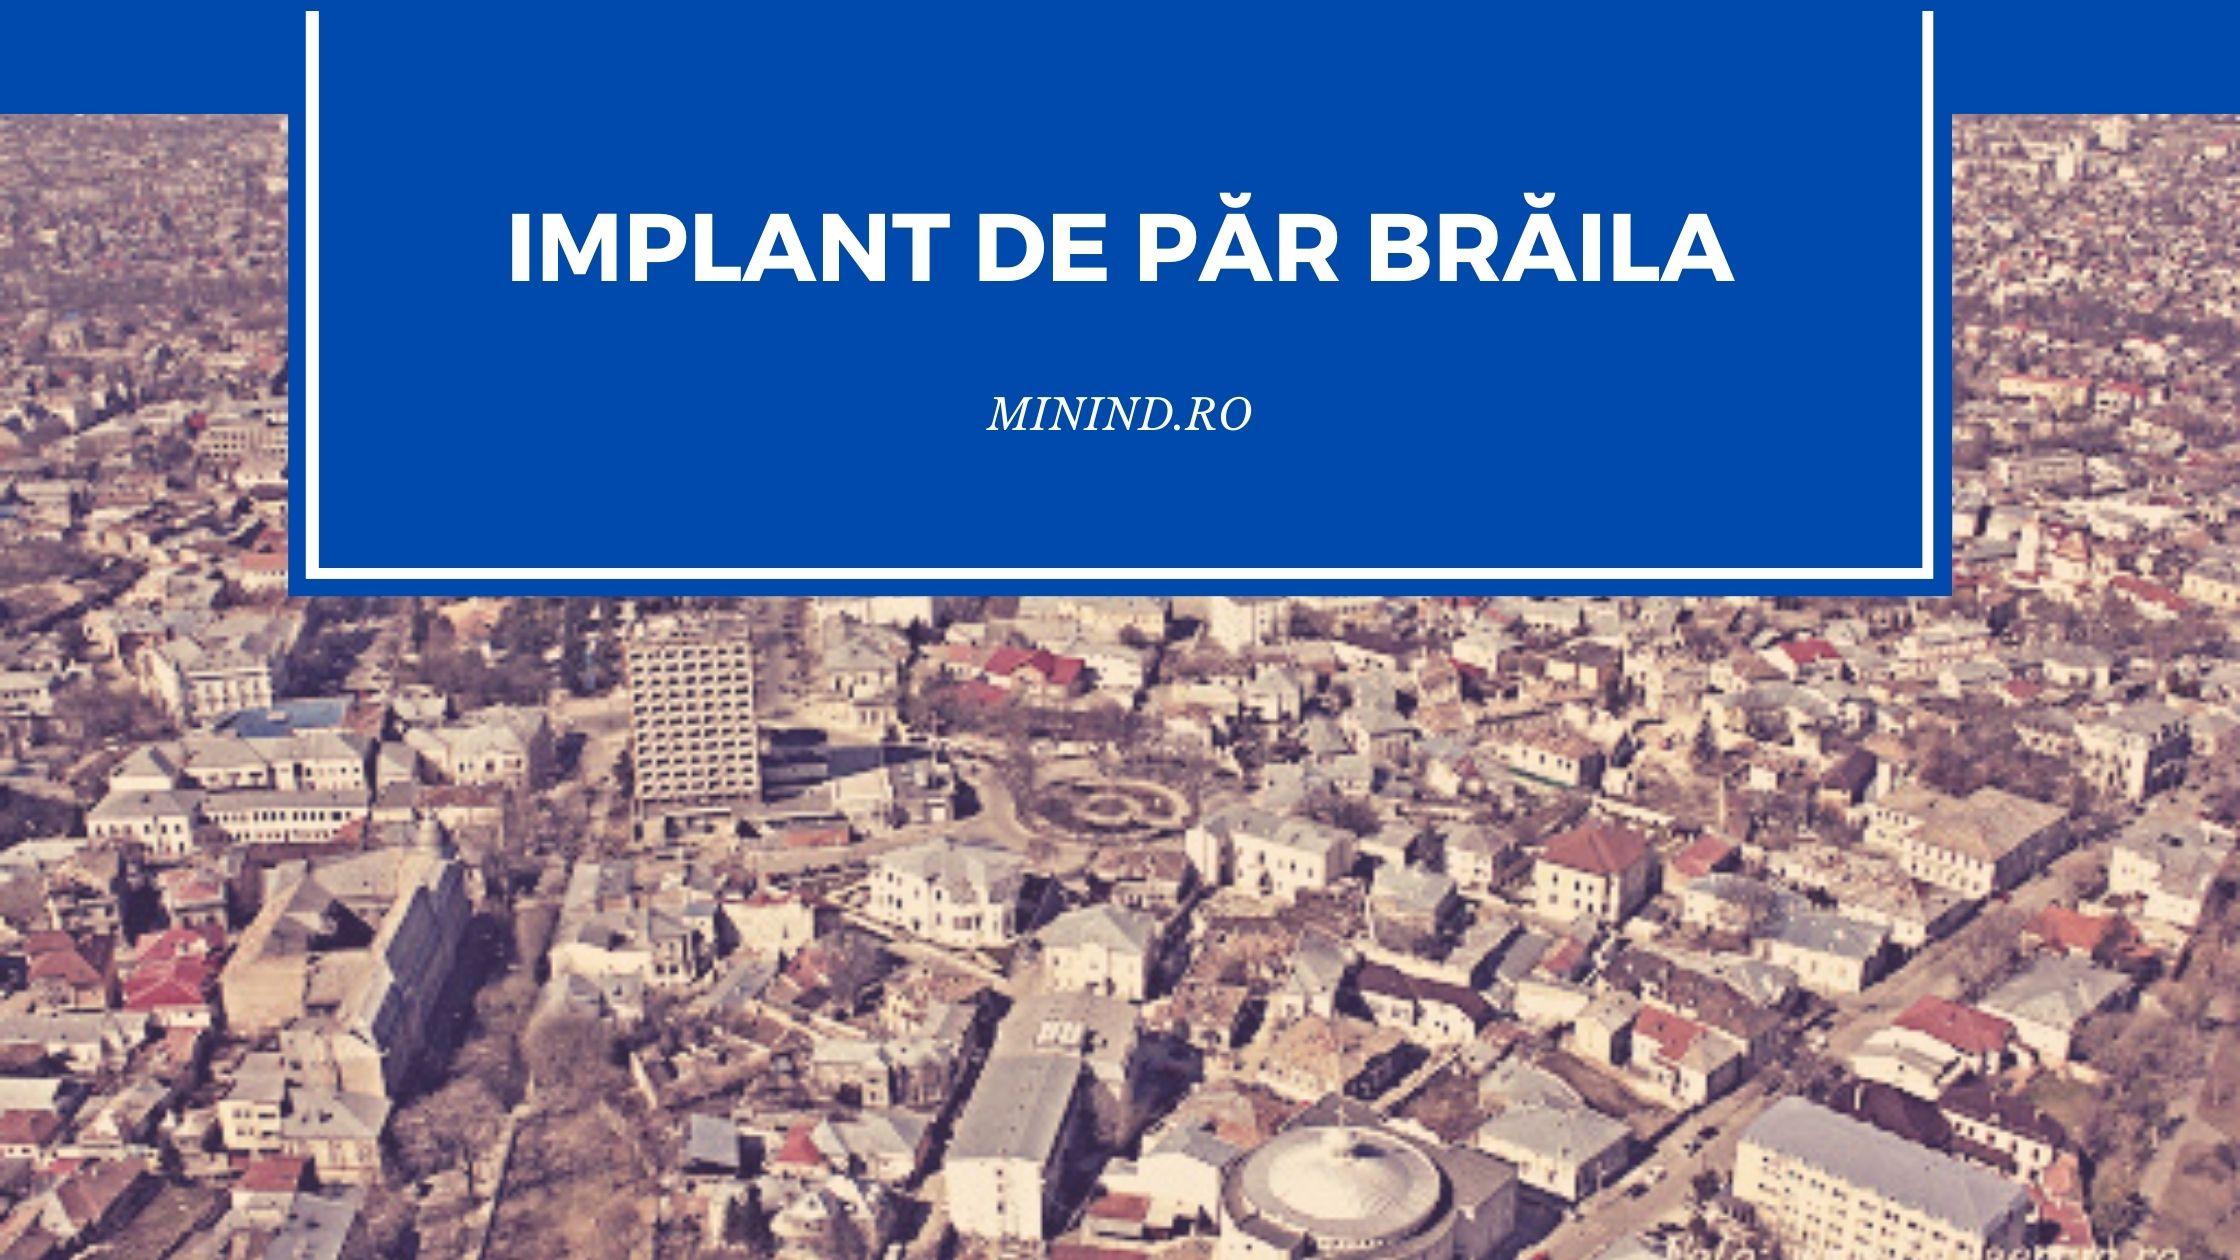 implant de par braila